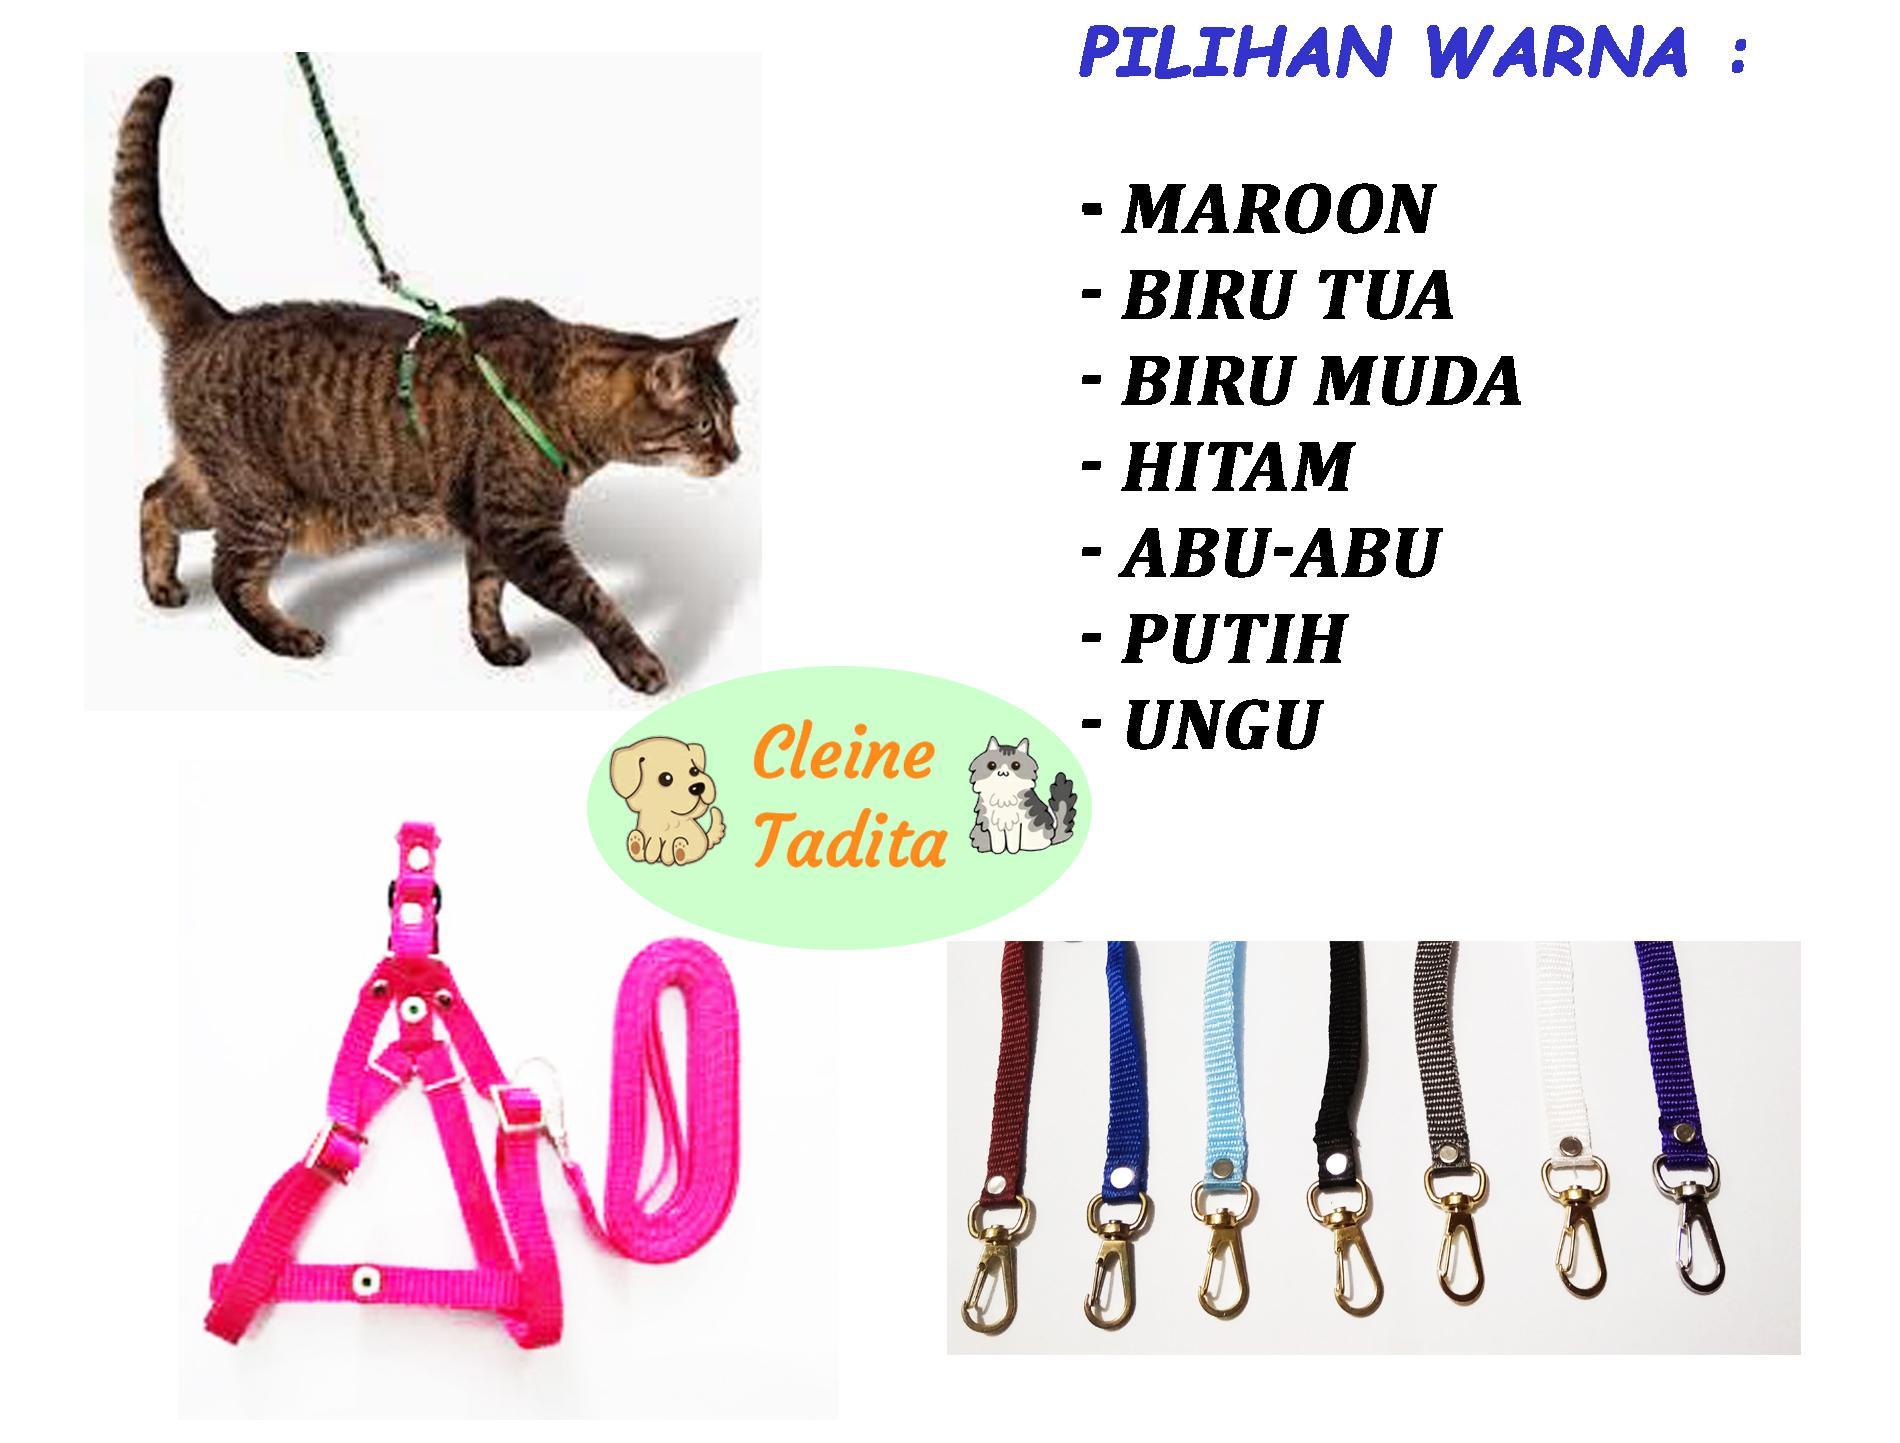 Cleine Tadita Petshop - Tali Tuntun + Harnes Kucing dan Anjing